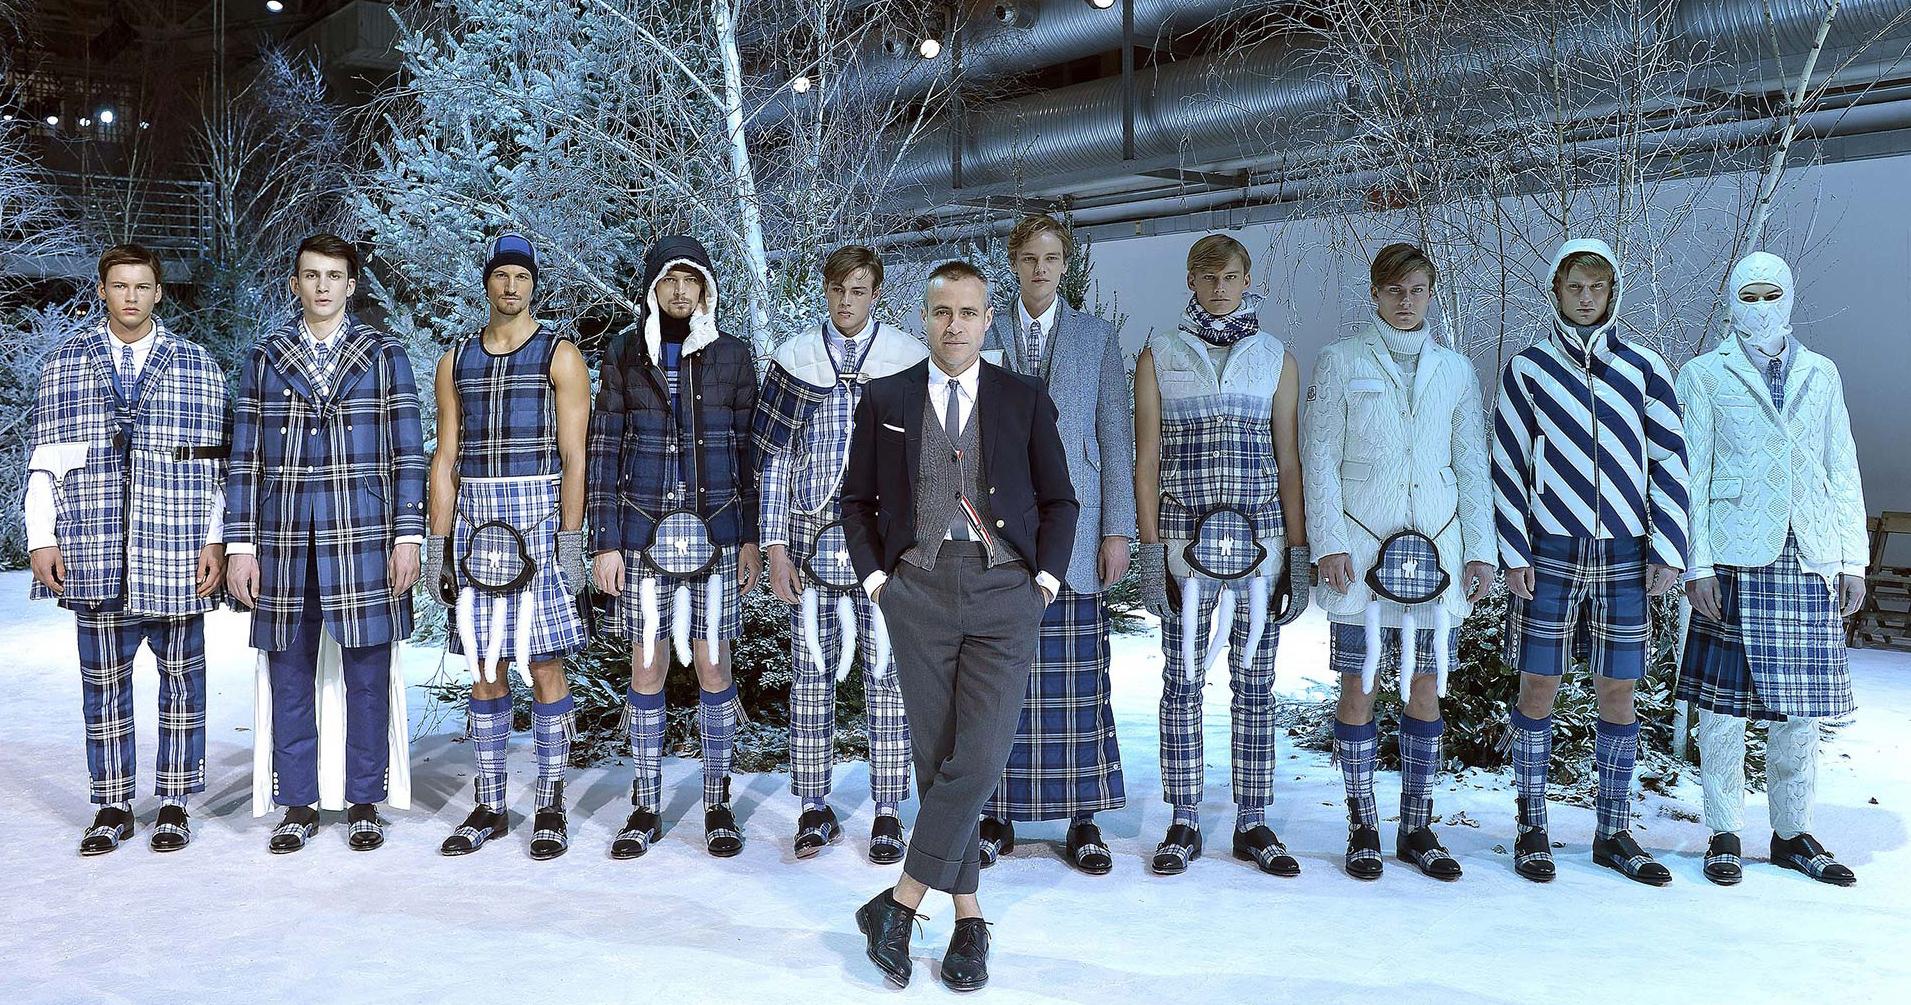 зимняя мода для мужчин фото